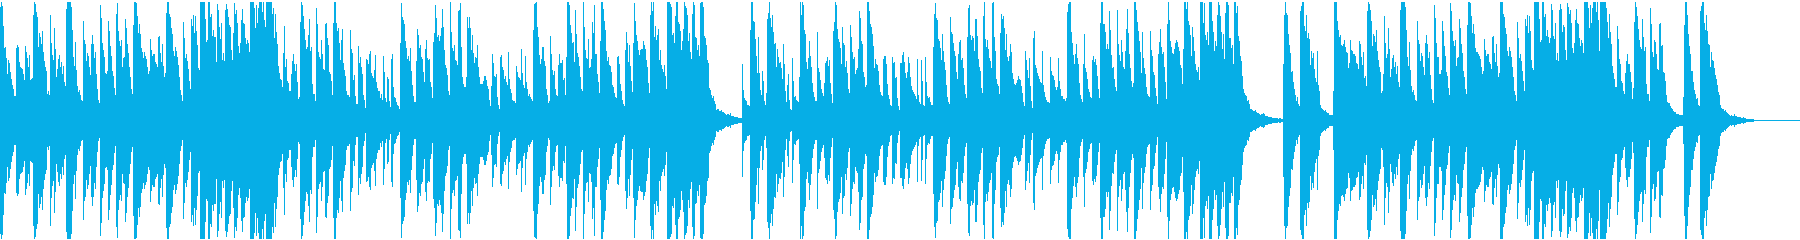 10秒でサビ、コミカル/カラオケの再生済みの波形